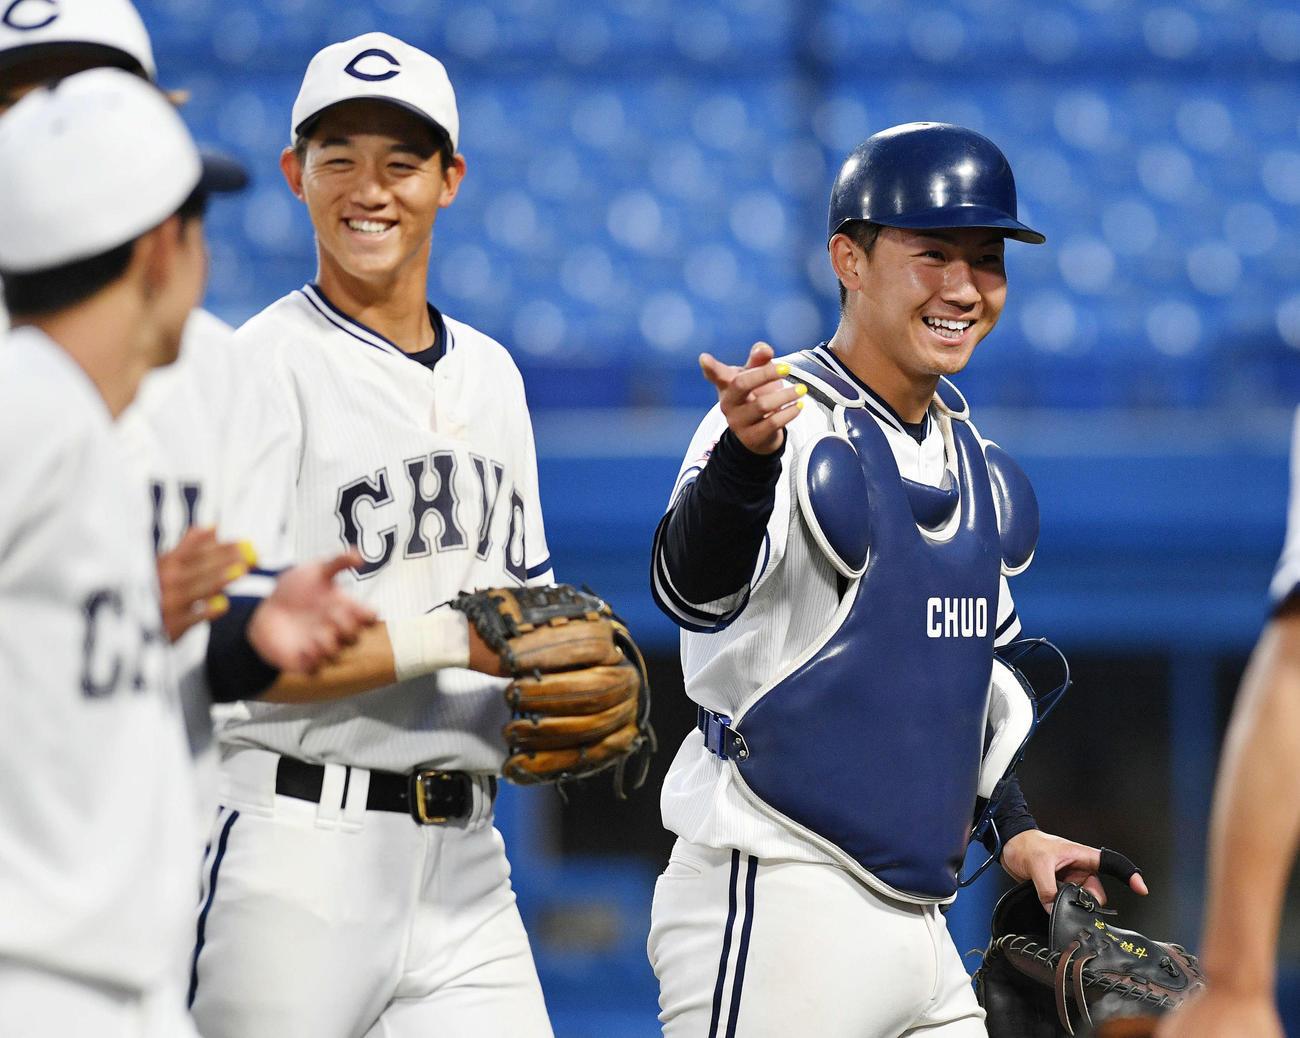 中大対青学大 試合後、ナインを指差し笑顔の中大・古賀(右)(撮影・滝沢徹郎)